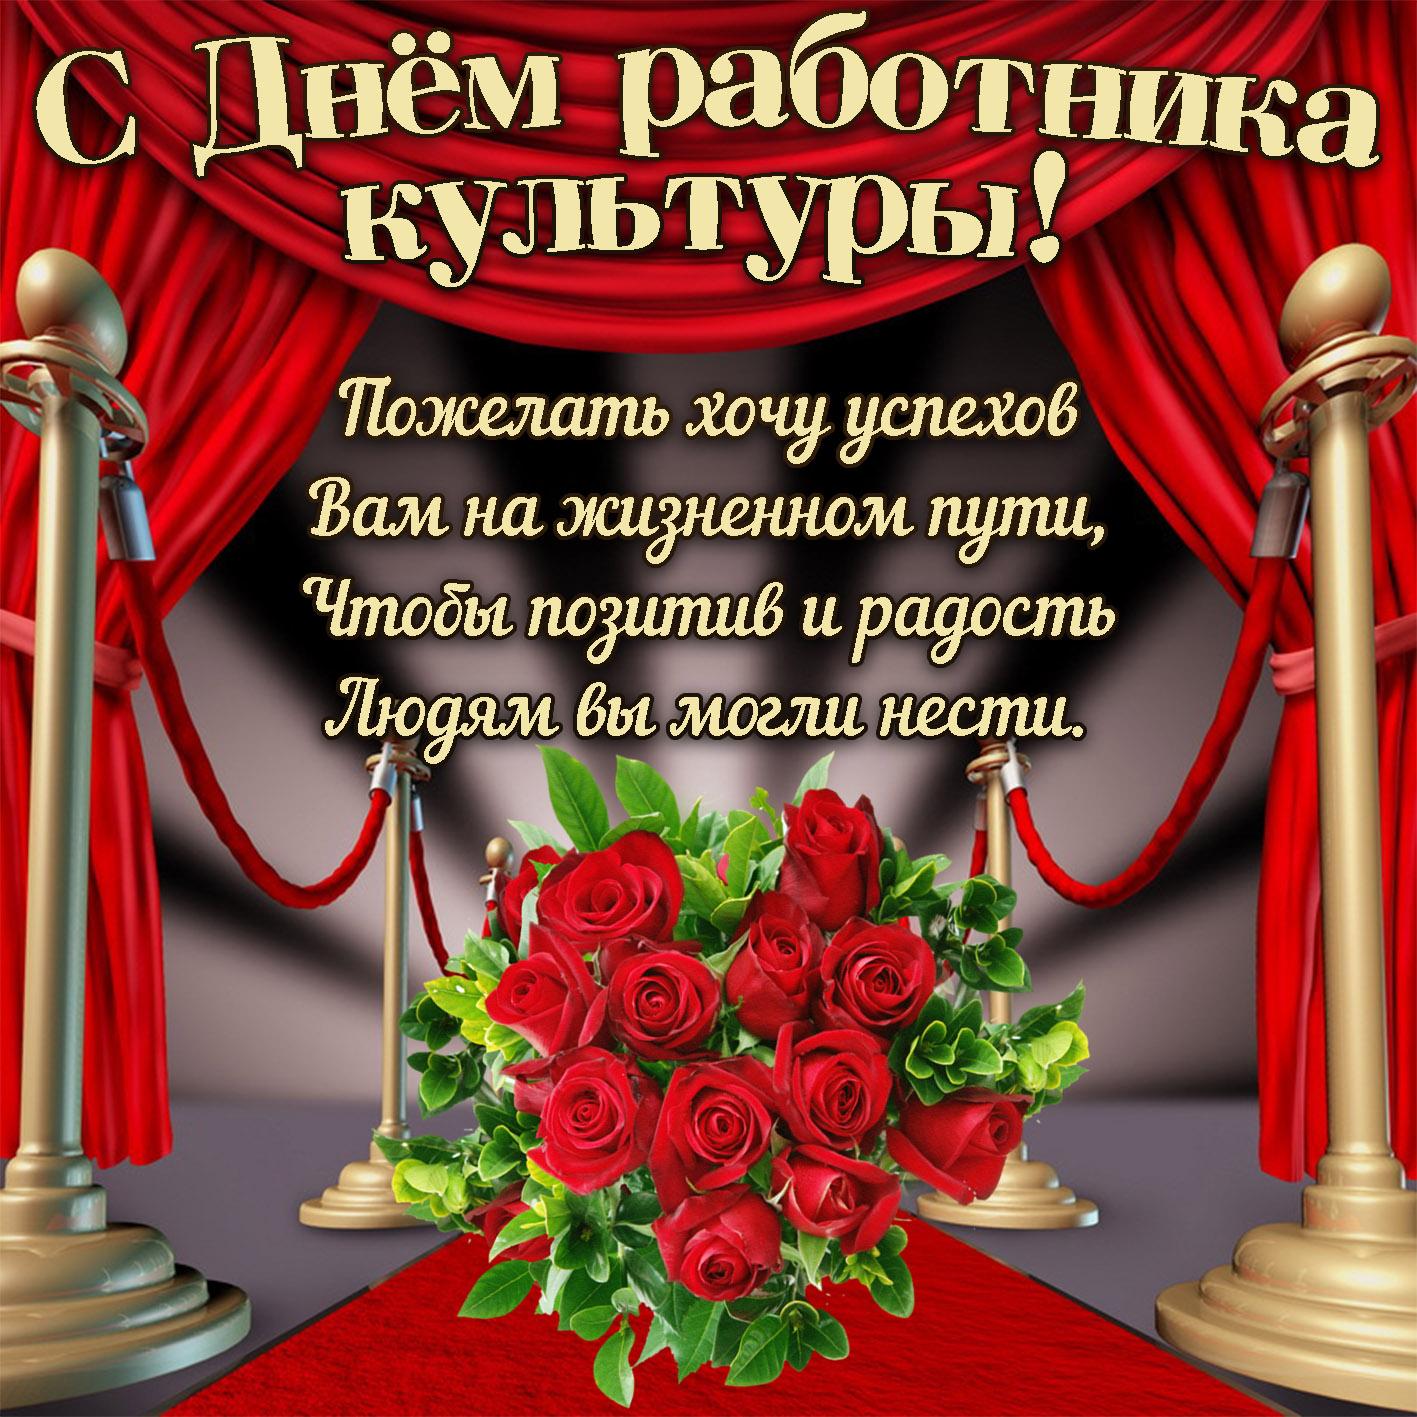 поздравление к дню работников культуры официальное называют